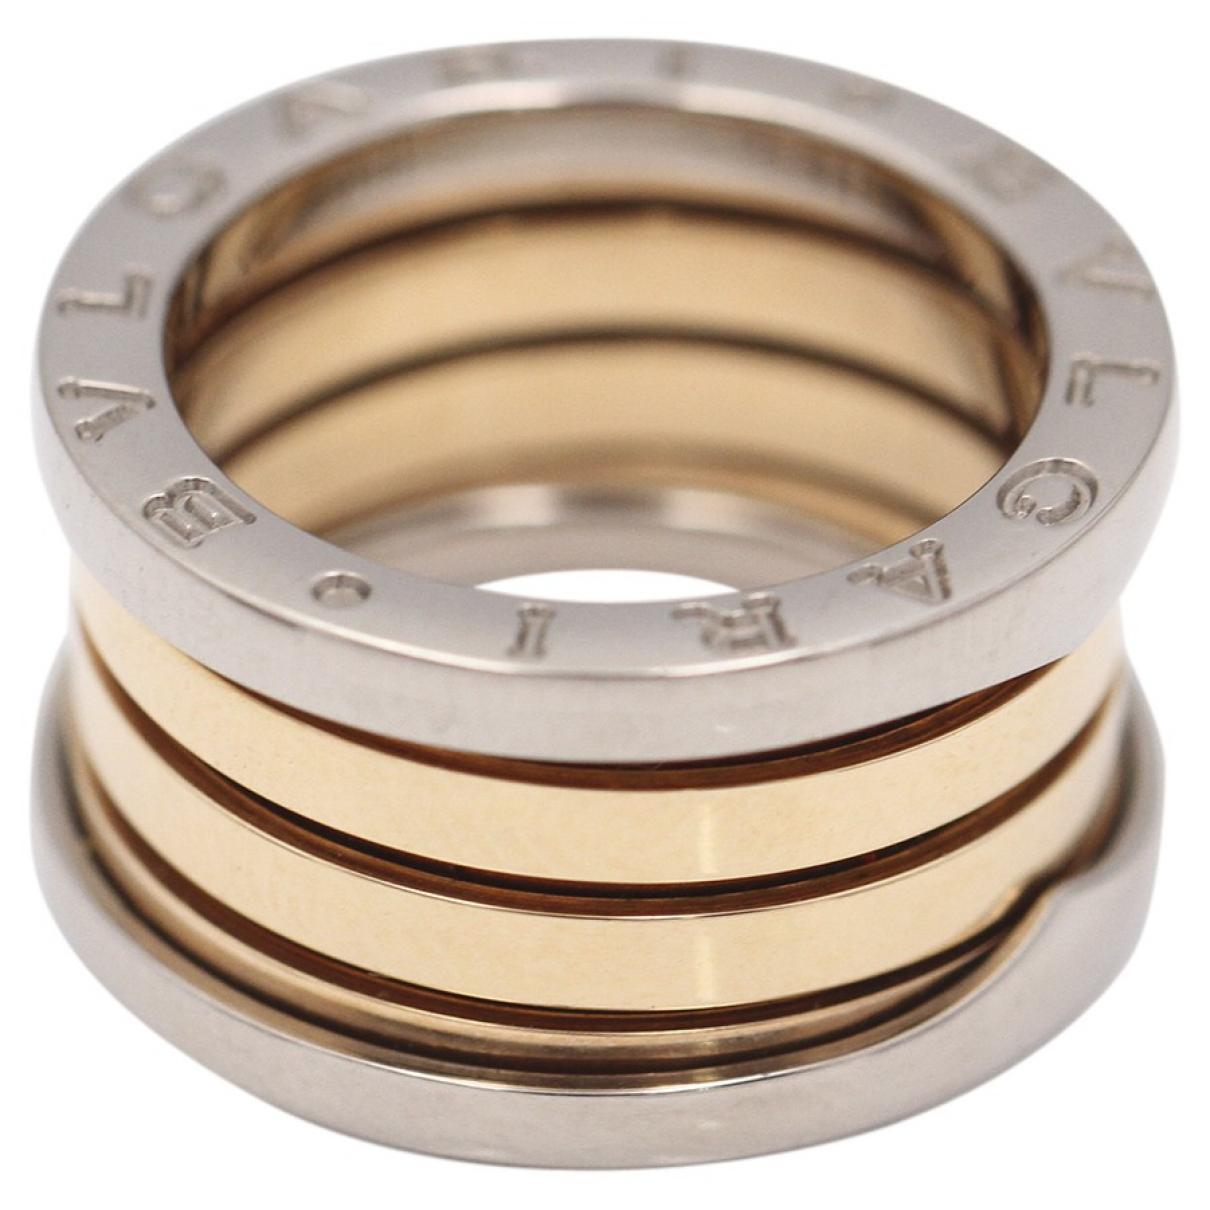 Bvlgari - Bague B.Zero1 pour femme en or jaune - metallise